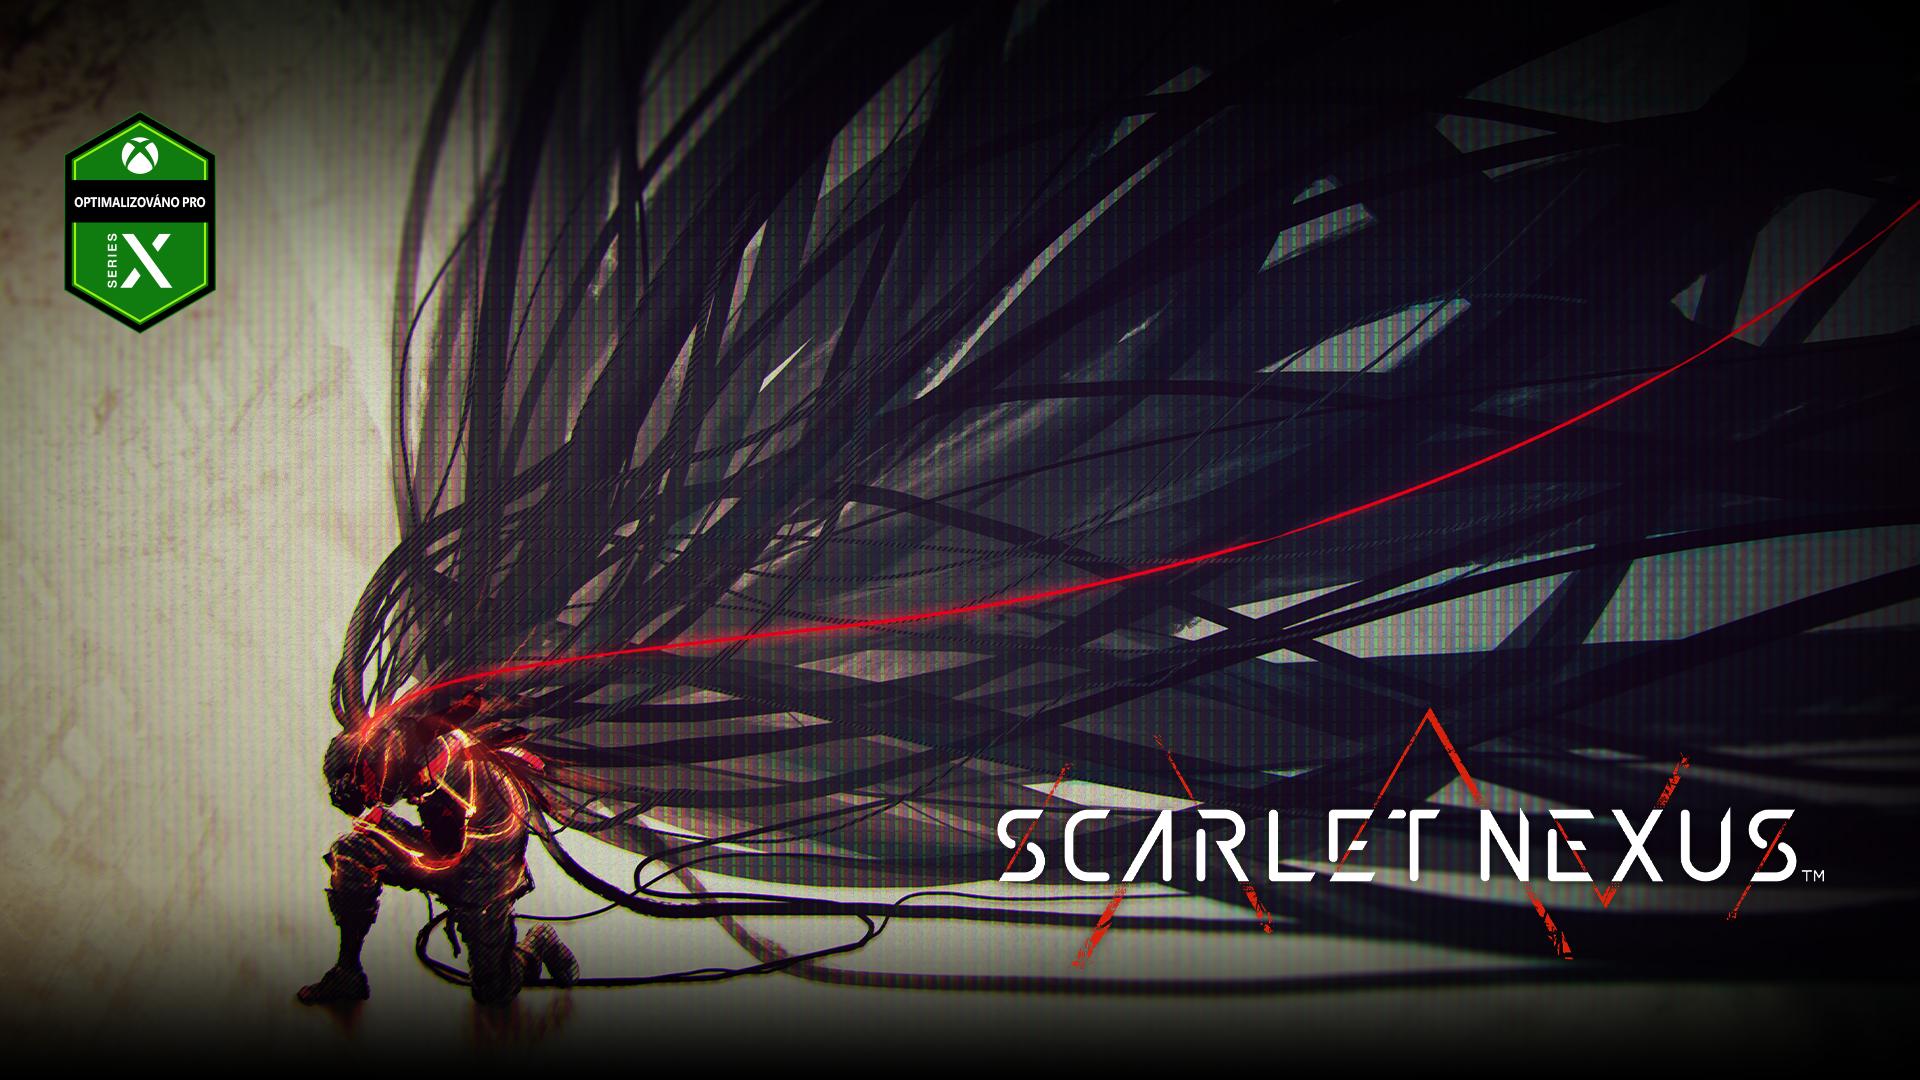 Scarlet Nexus, Optimalizováno pro Xbox Series X, muž, ze kterého vycházejí dlouhé vlasovité prameny, klečí se skloněnou hlavou